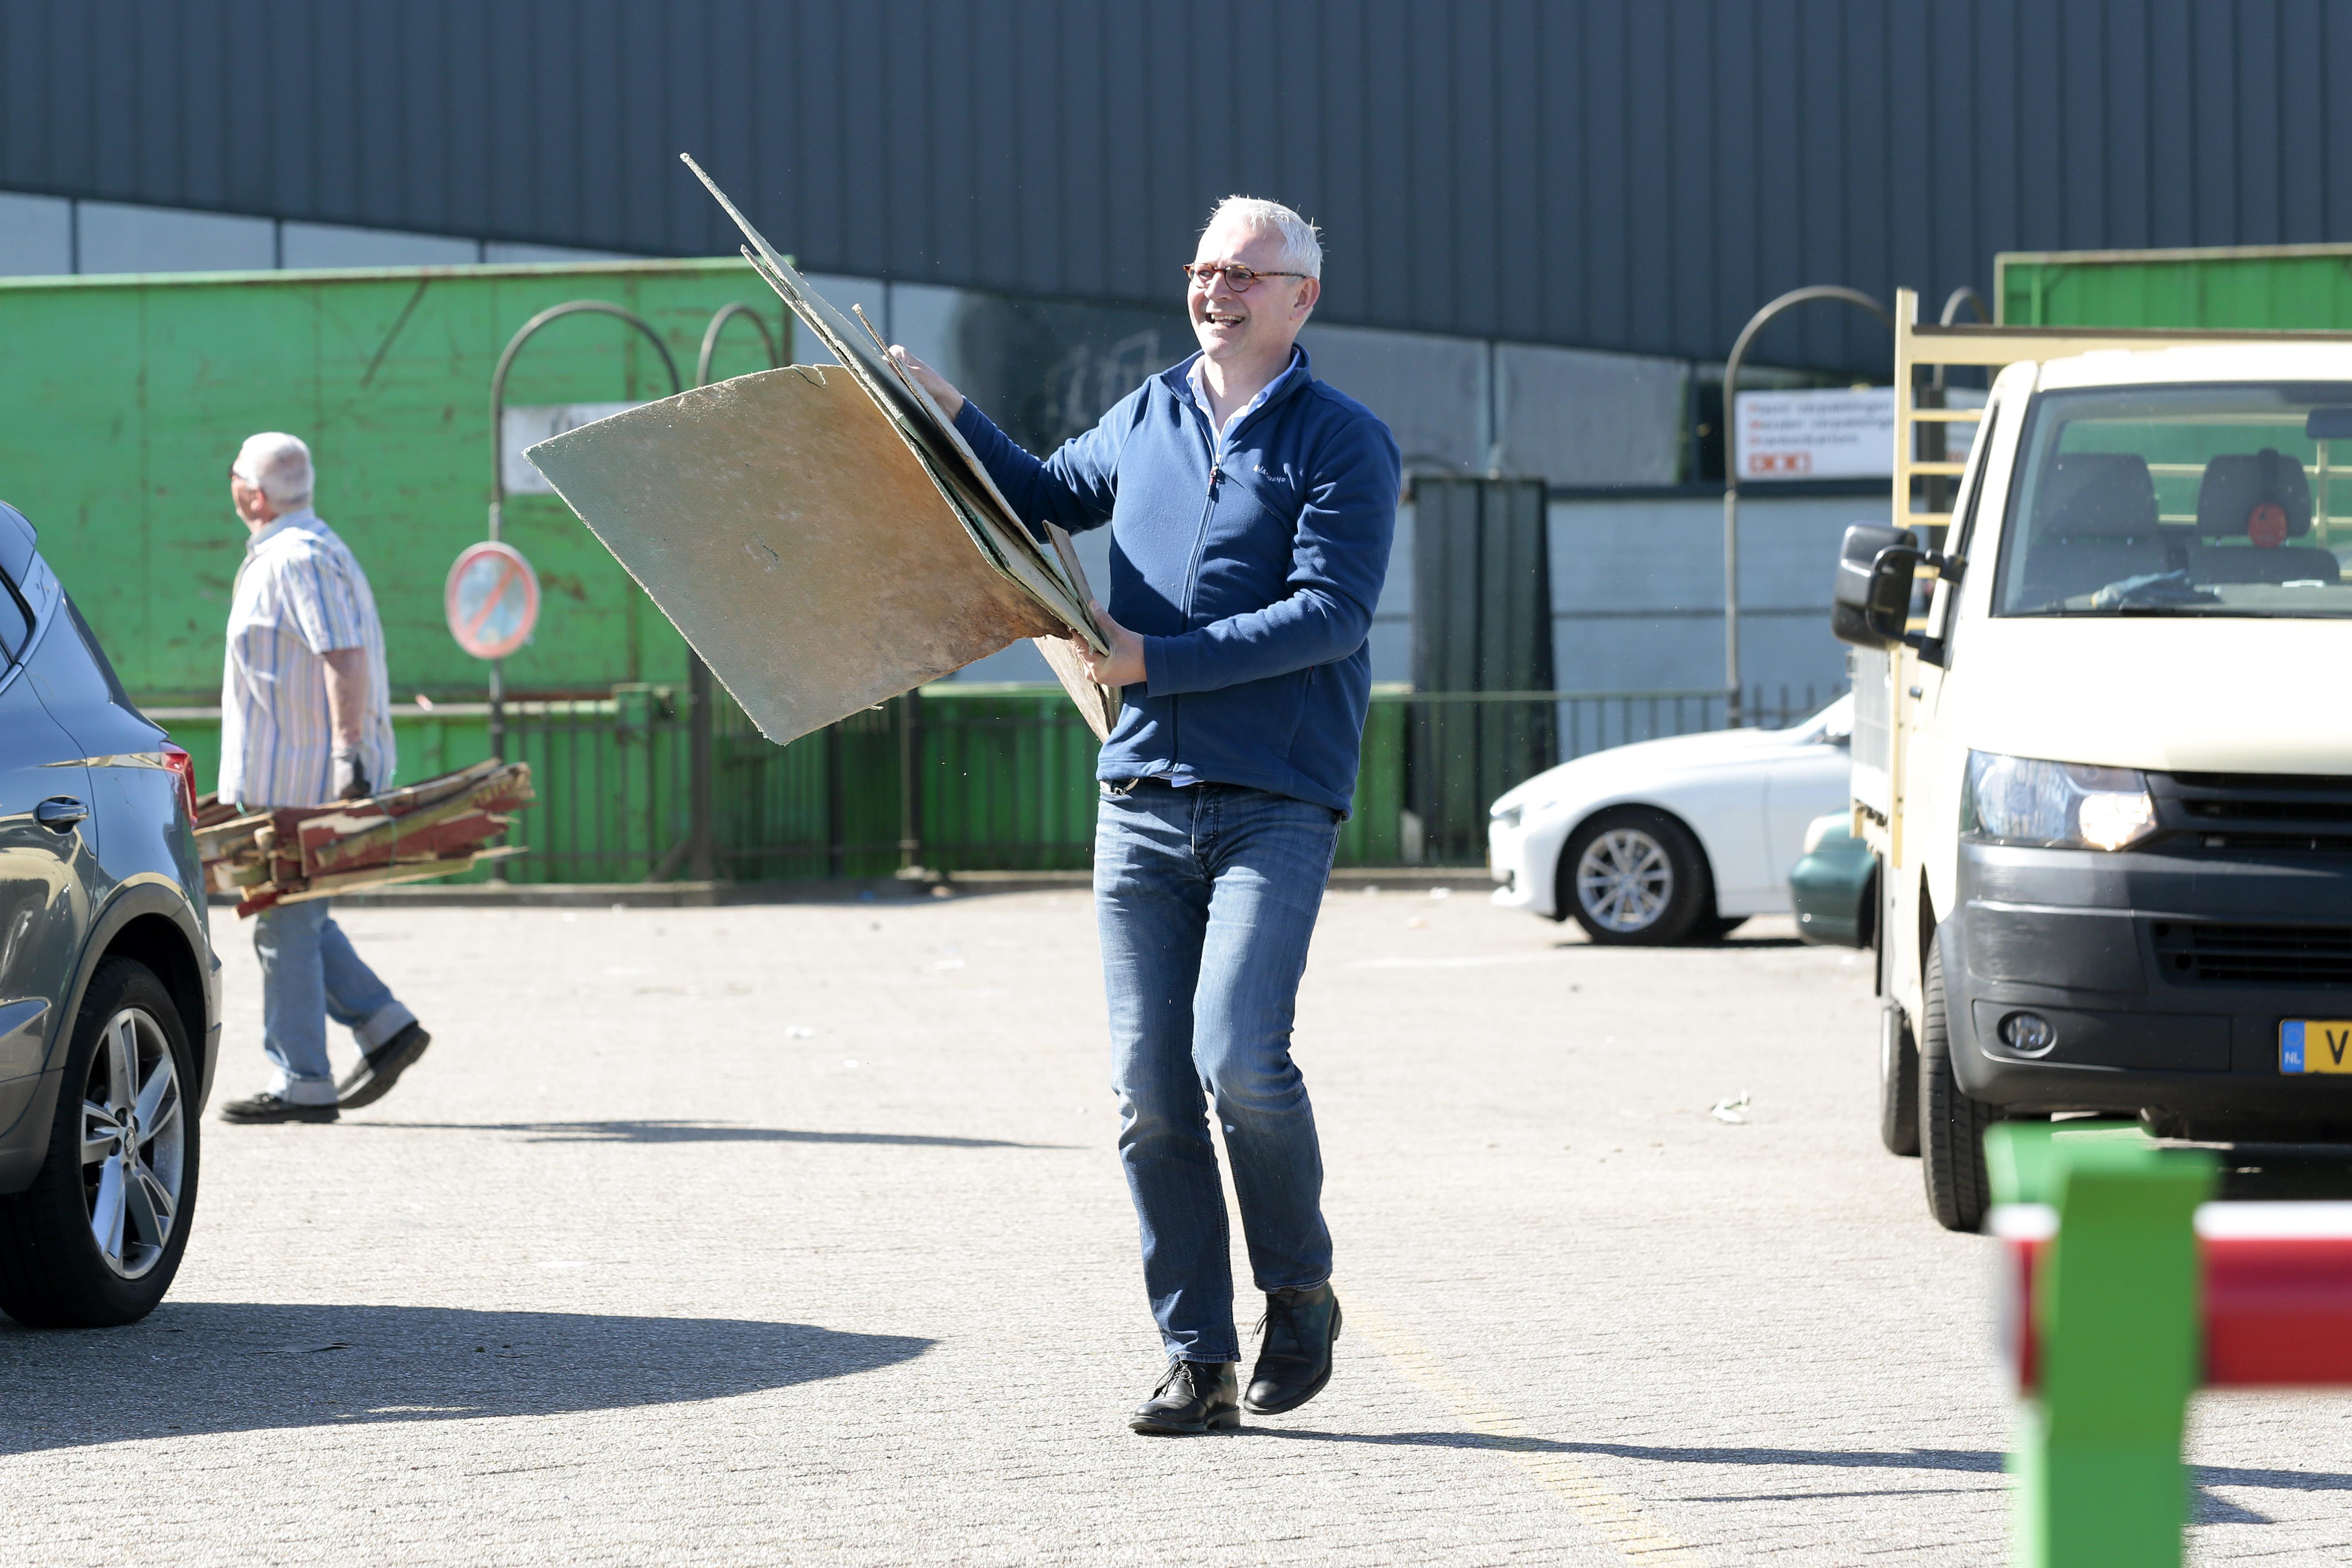 Scheidingsstations Bussum, Huizen en Weesp extra open; GAD ziet toename grote kartonnen verpakkingen